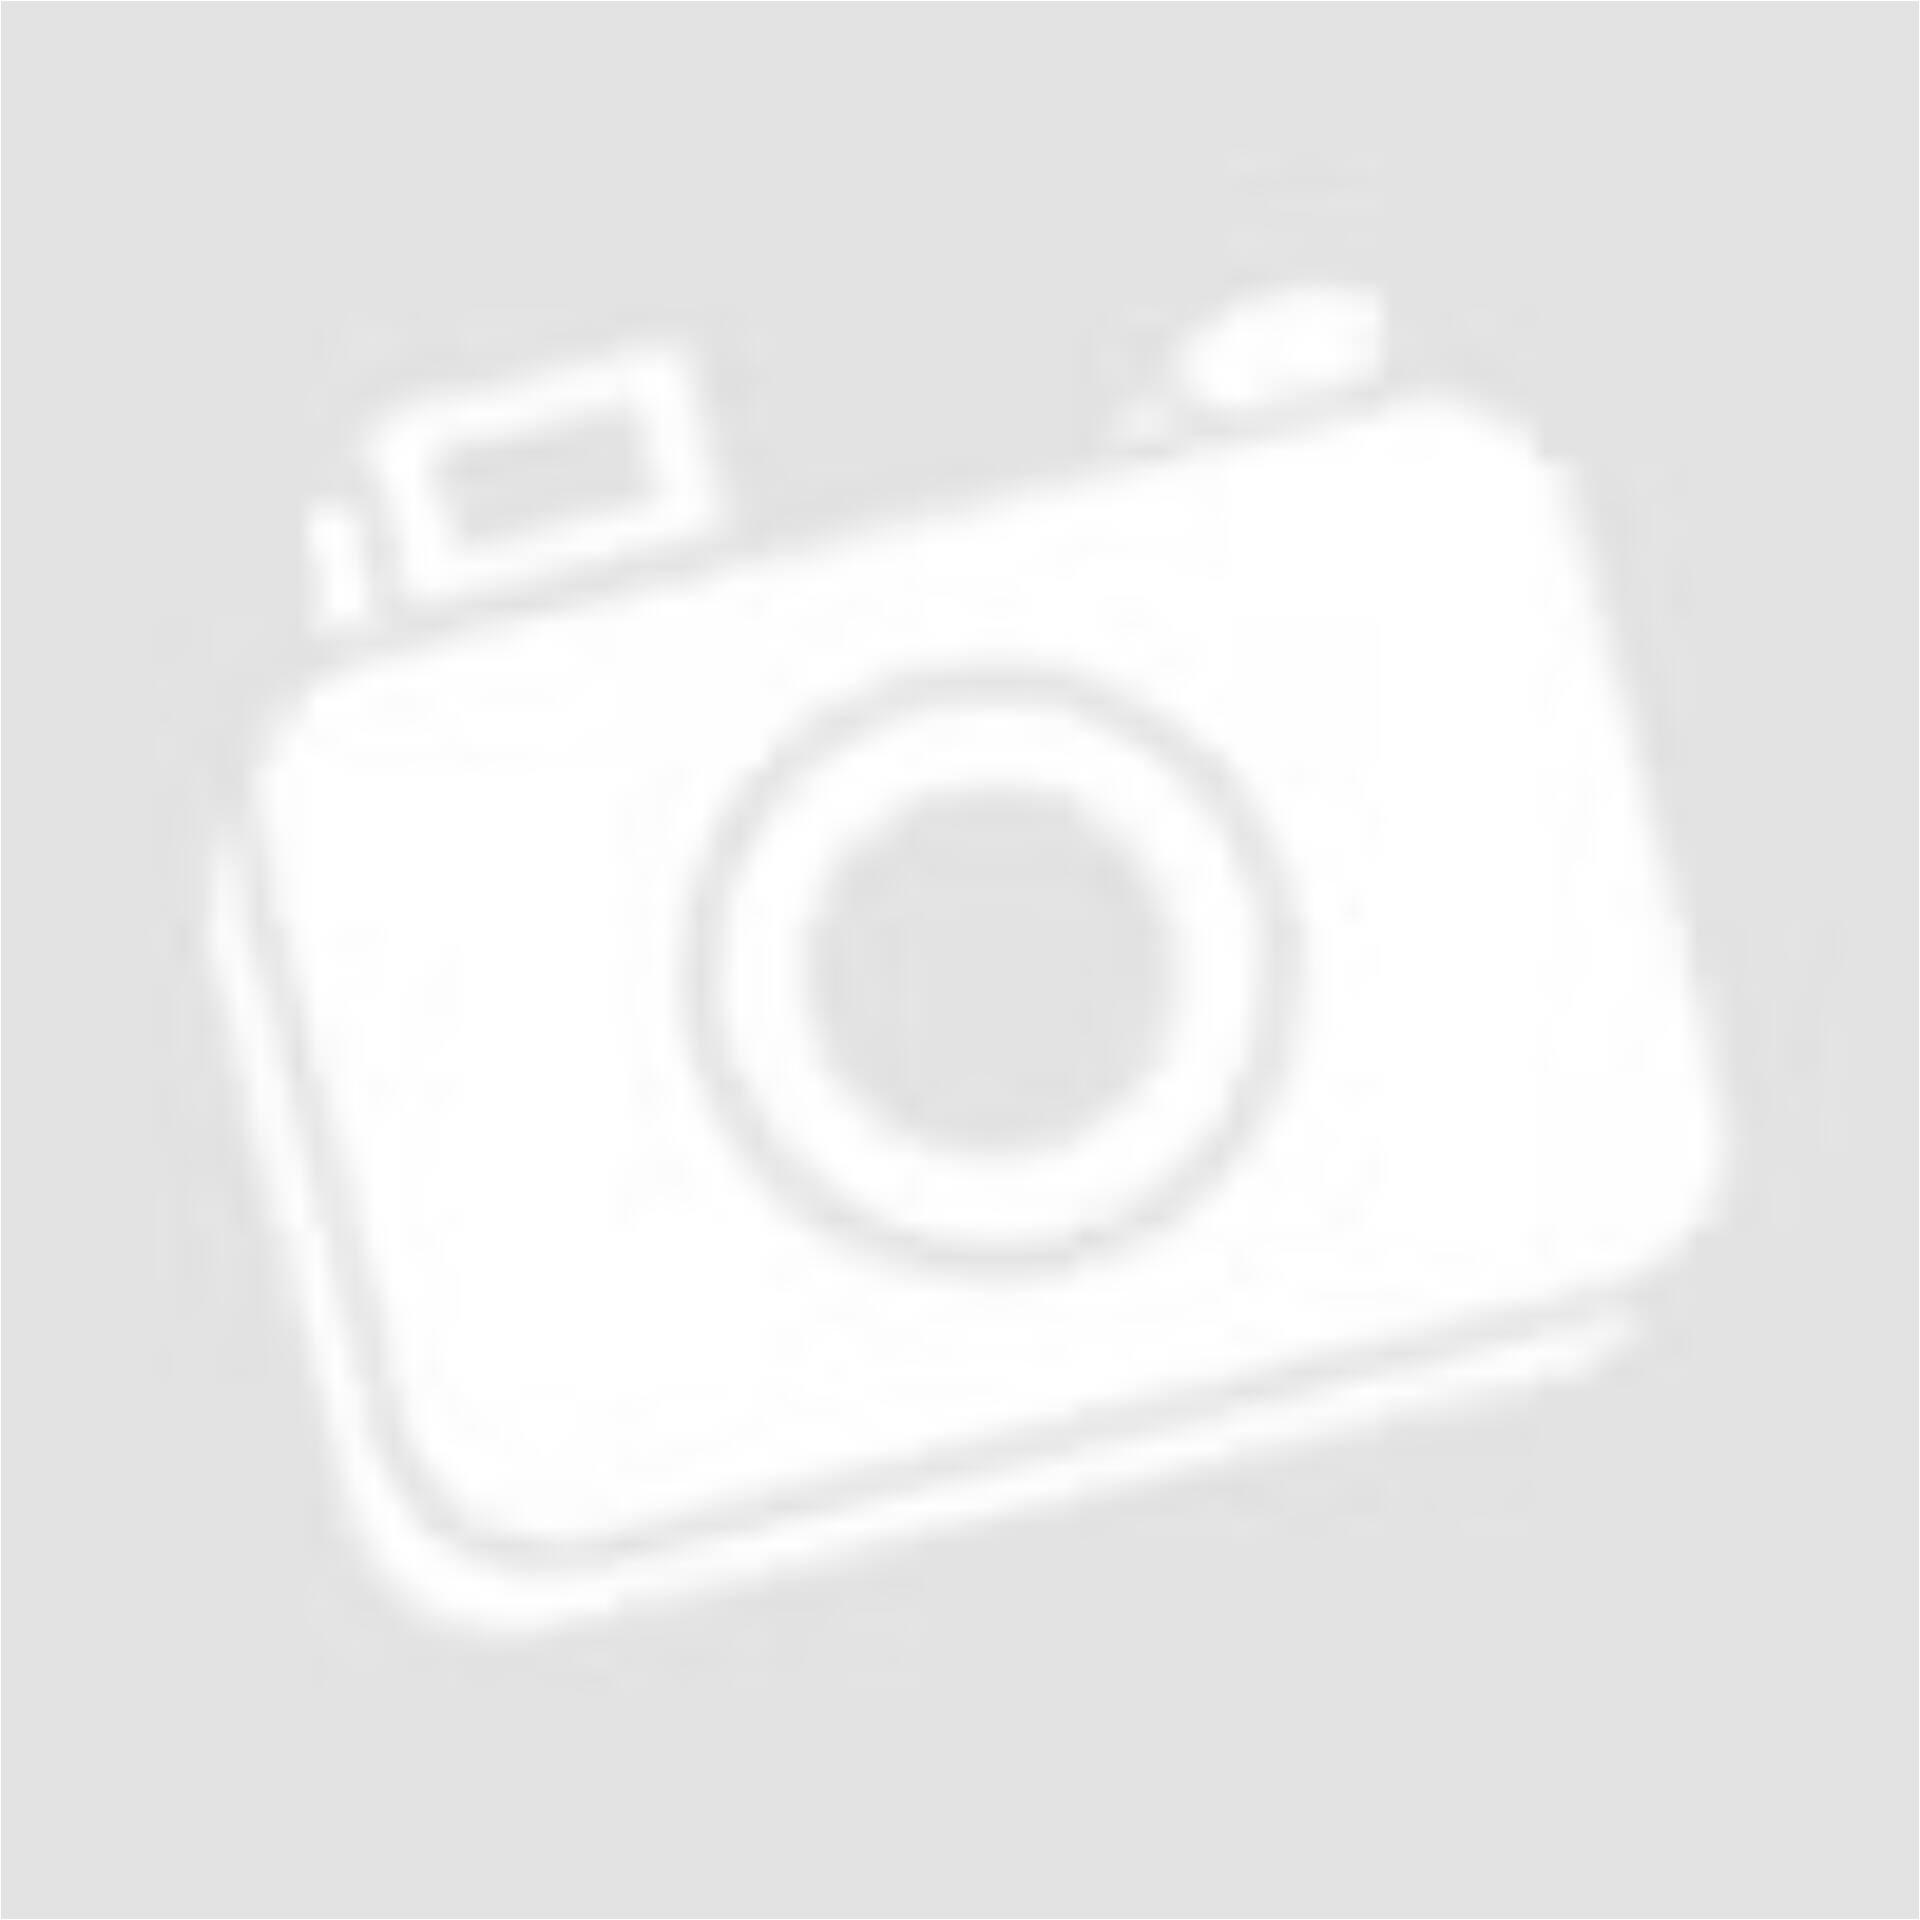 6f6a65670e Kép 1/3 - REDHERRING kék színű fehér pöttyös rövid ujjú ruha (Méret: M)